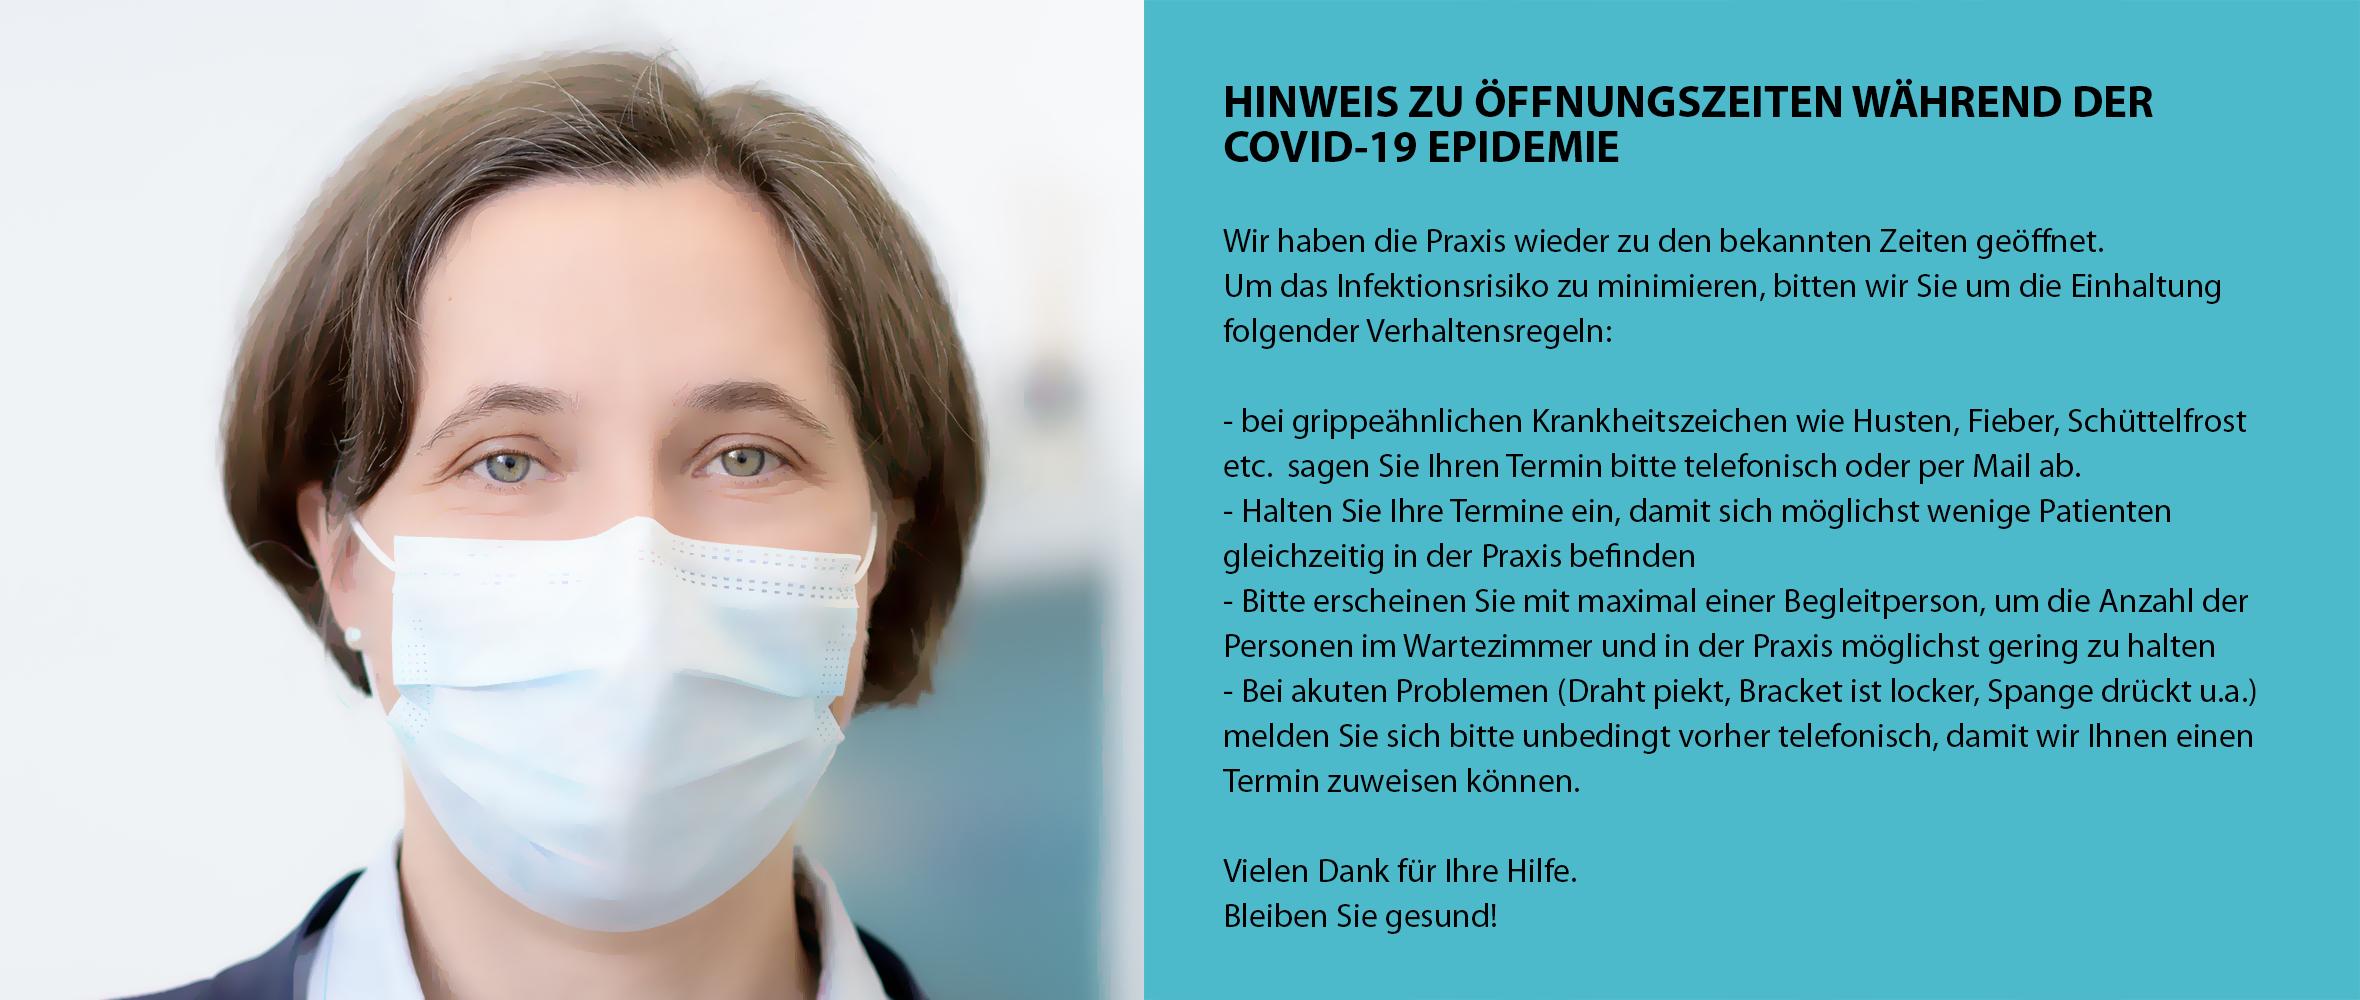 HINWEIS ZU ÖFFNUNGSZEITEN WÄHREND DER COVID-19 EPIDEMIE